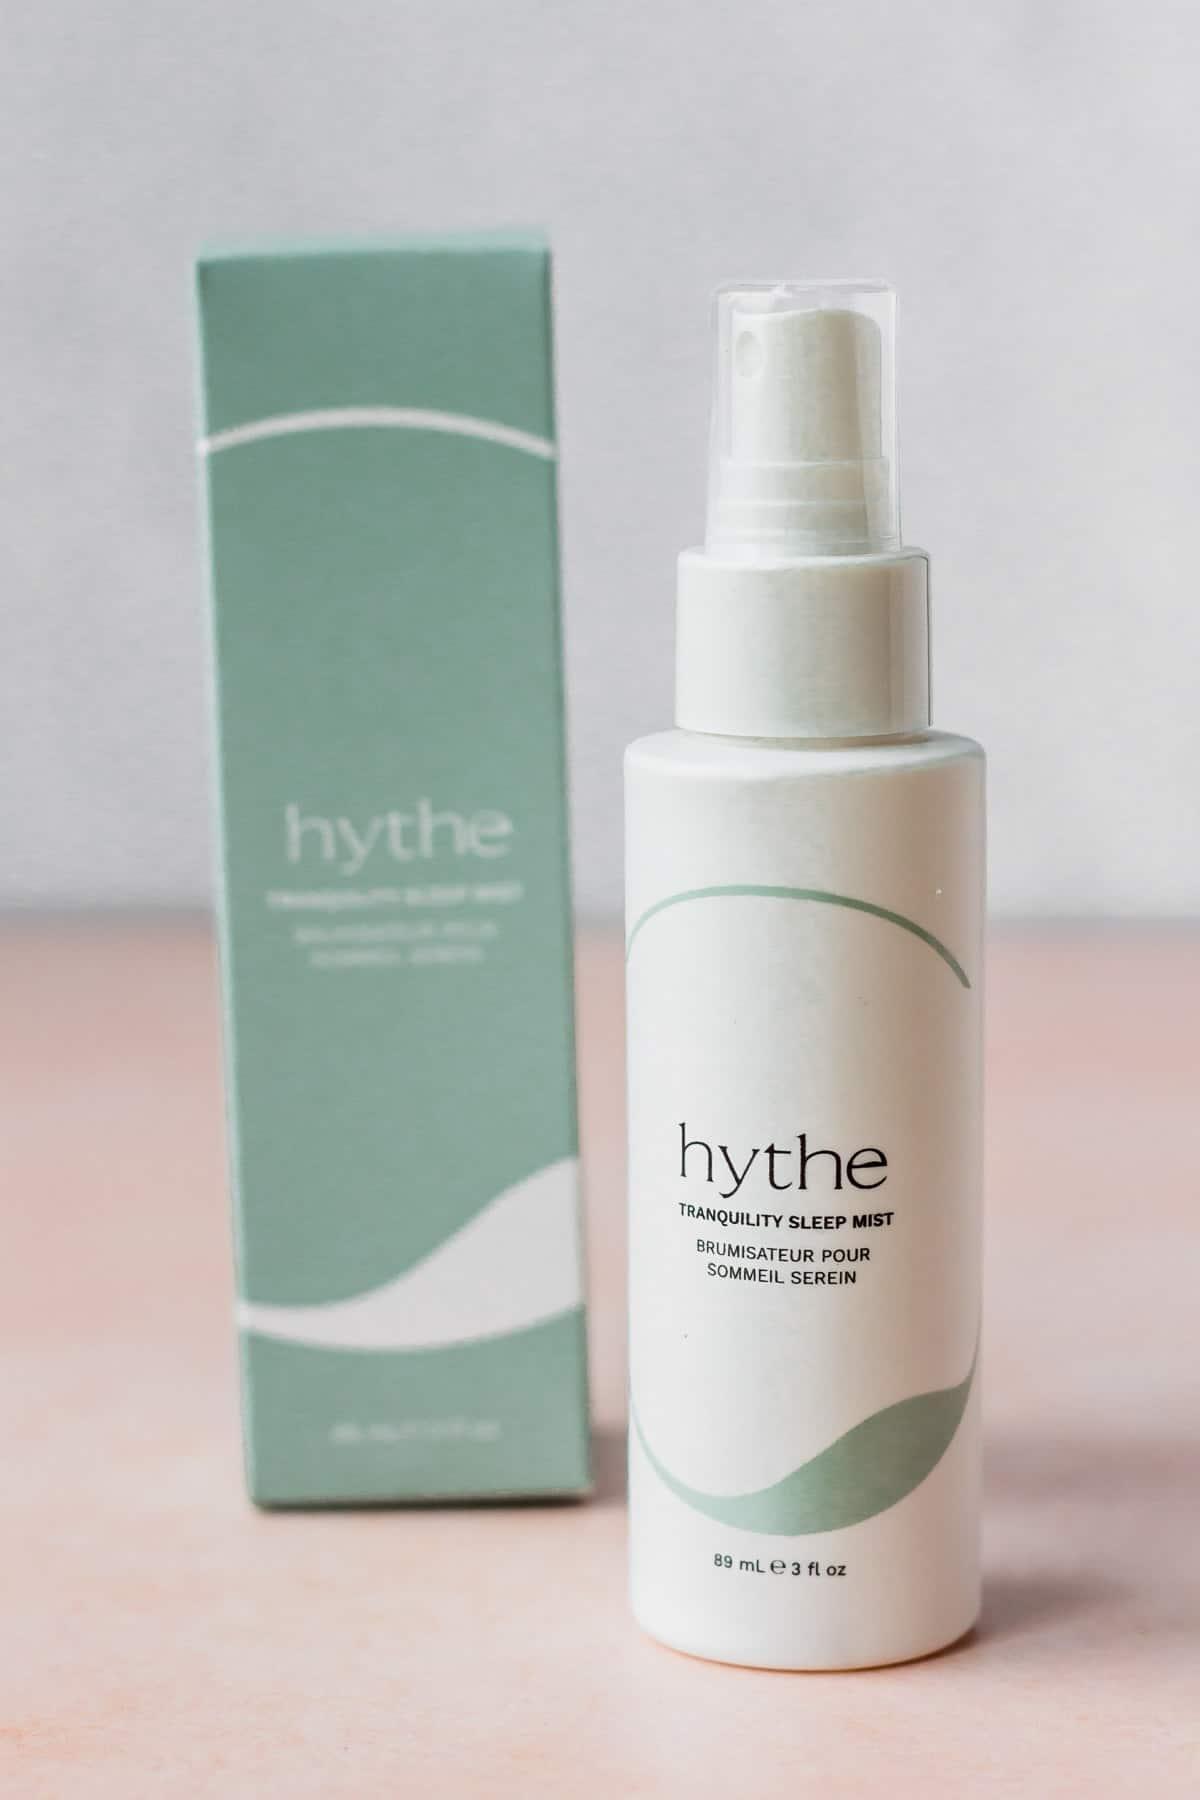 Hythe Sleep Mist bottle and box